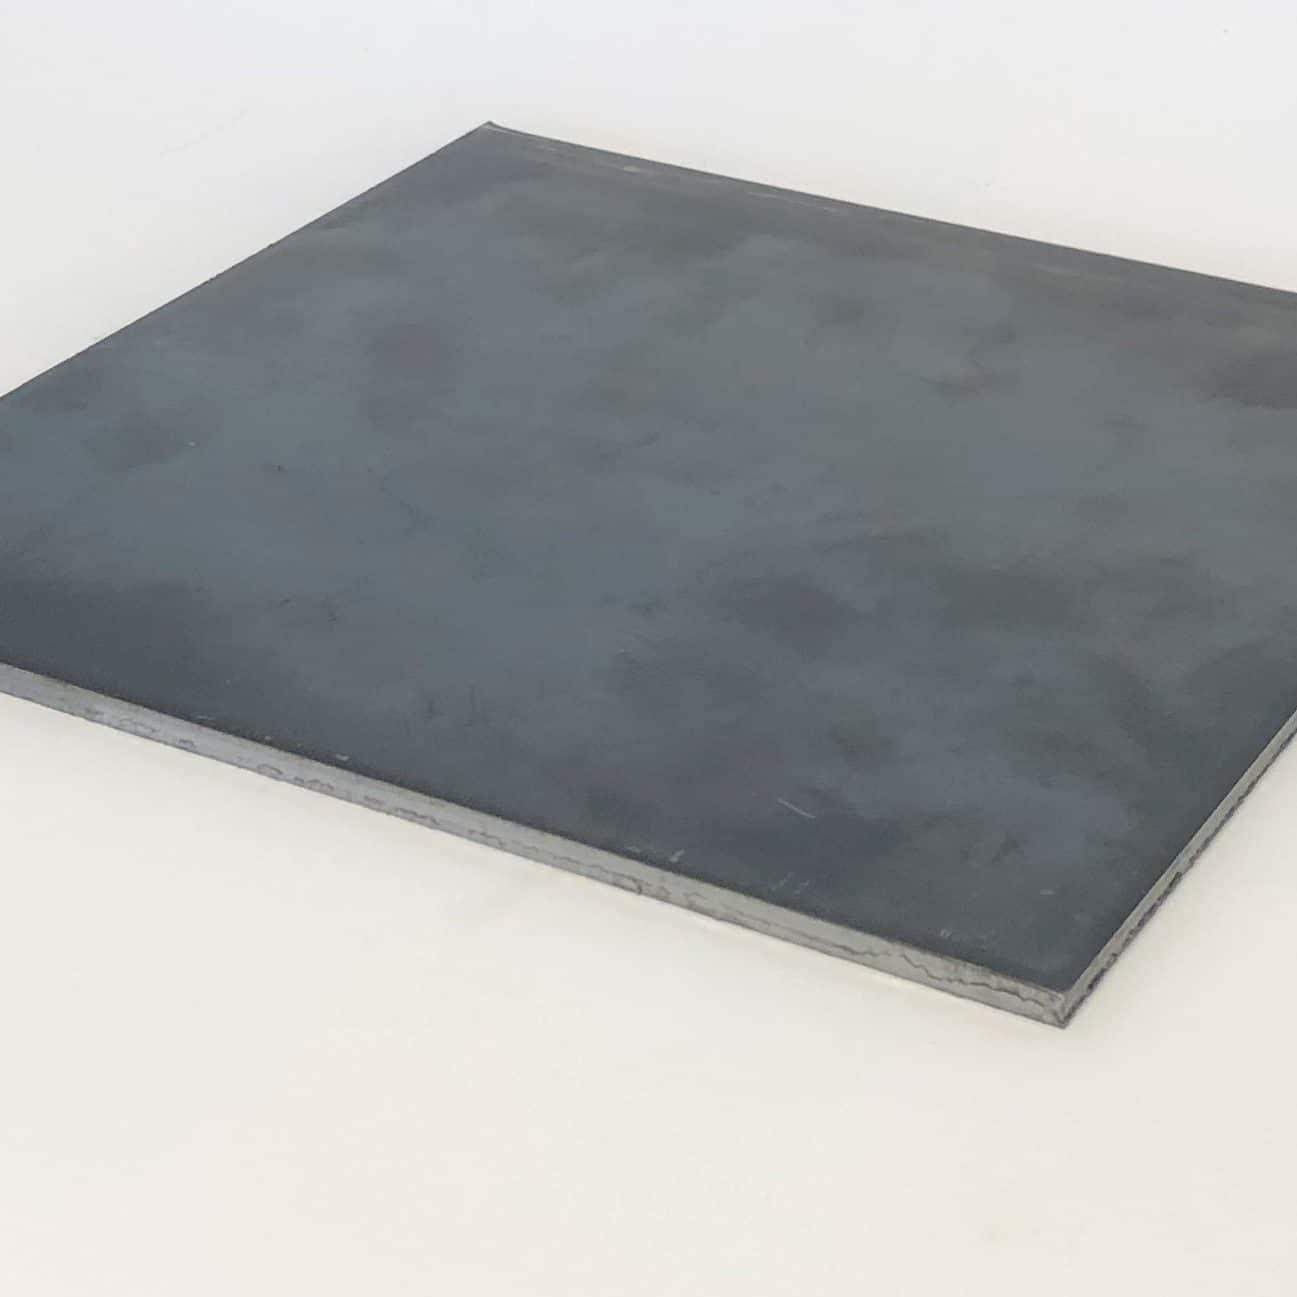 Bild på plåt i varmvalsat stål utförande från Bromma Stål